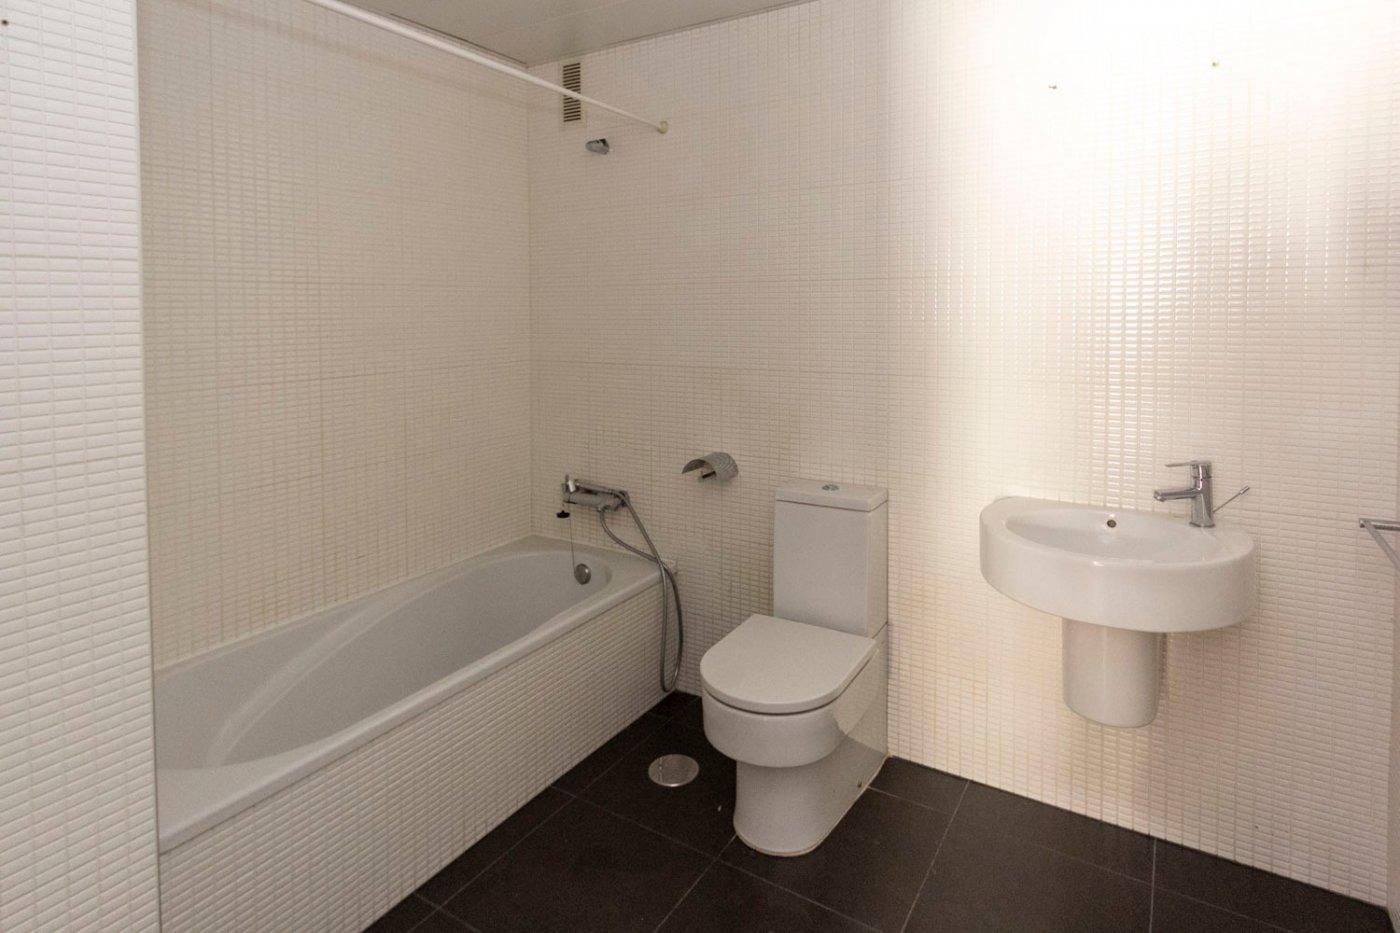 Piso de dos dormitorios de reciente construcción en zona centro de castalla - imagenInmueble15